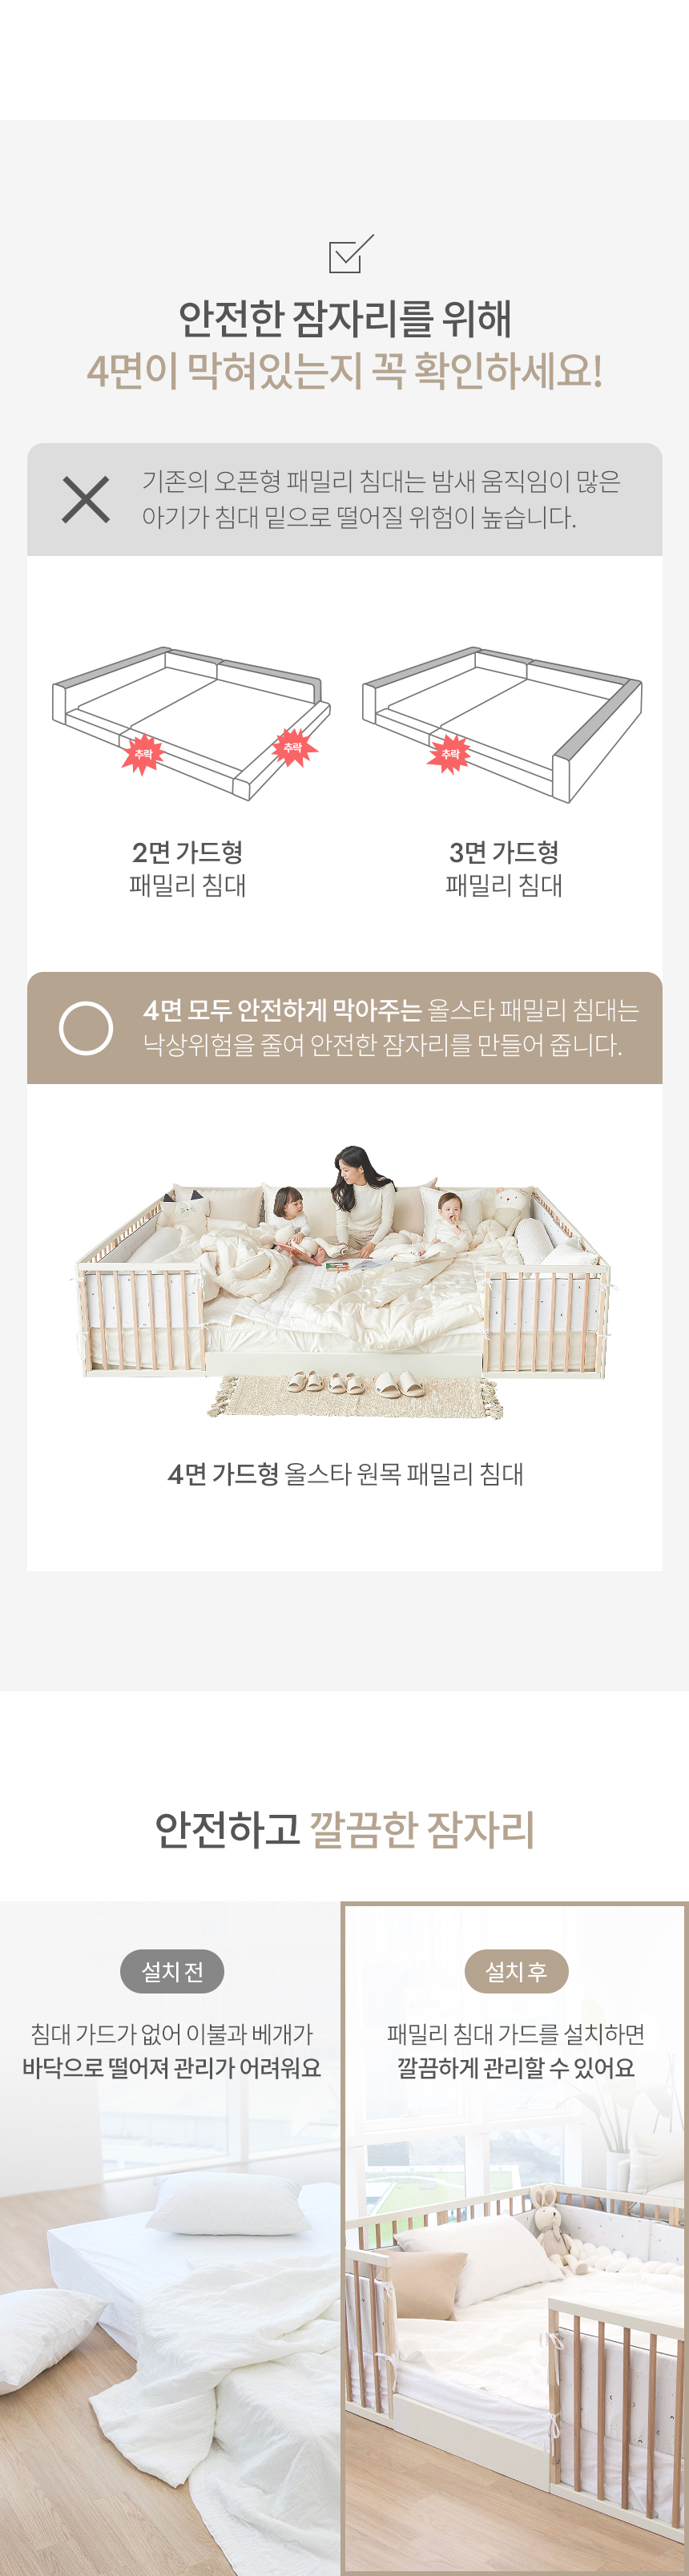 패밀리 침대 비교